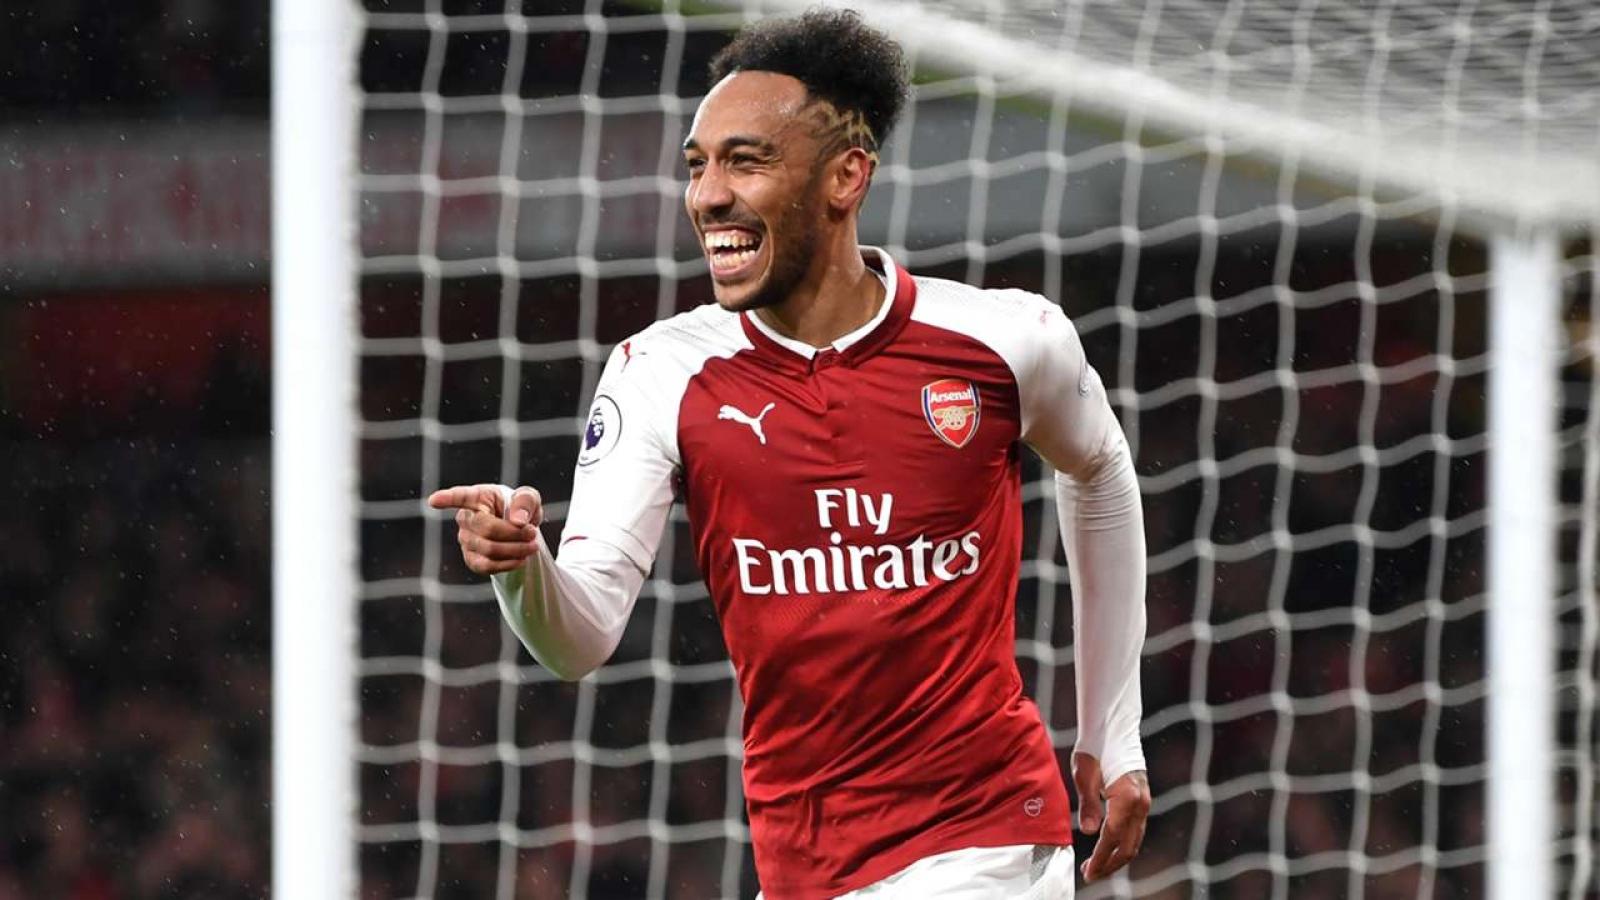 Nếu rời Arsenal, Aubameyang có đáng bị coi là kẻ phản bội?